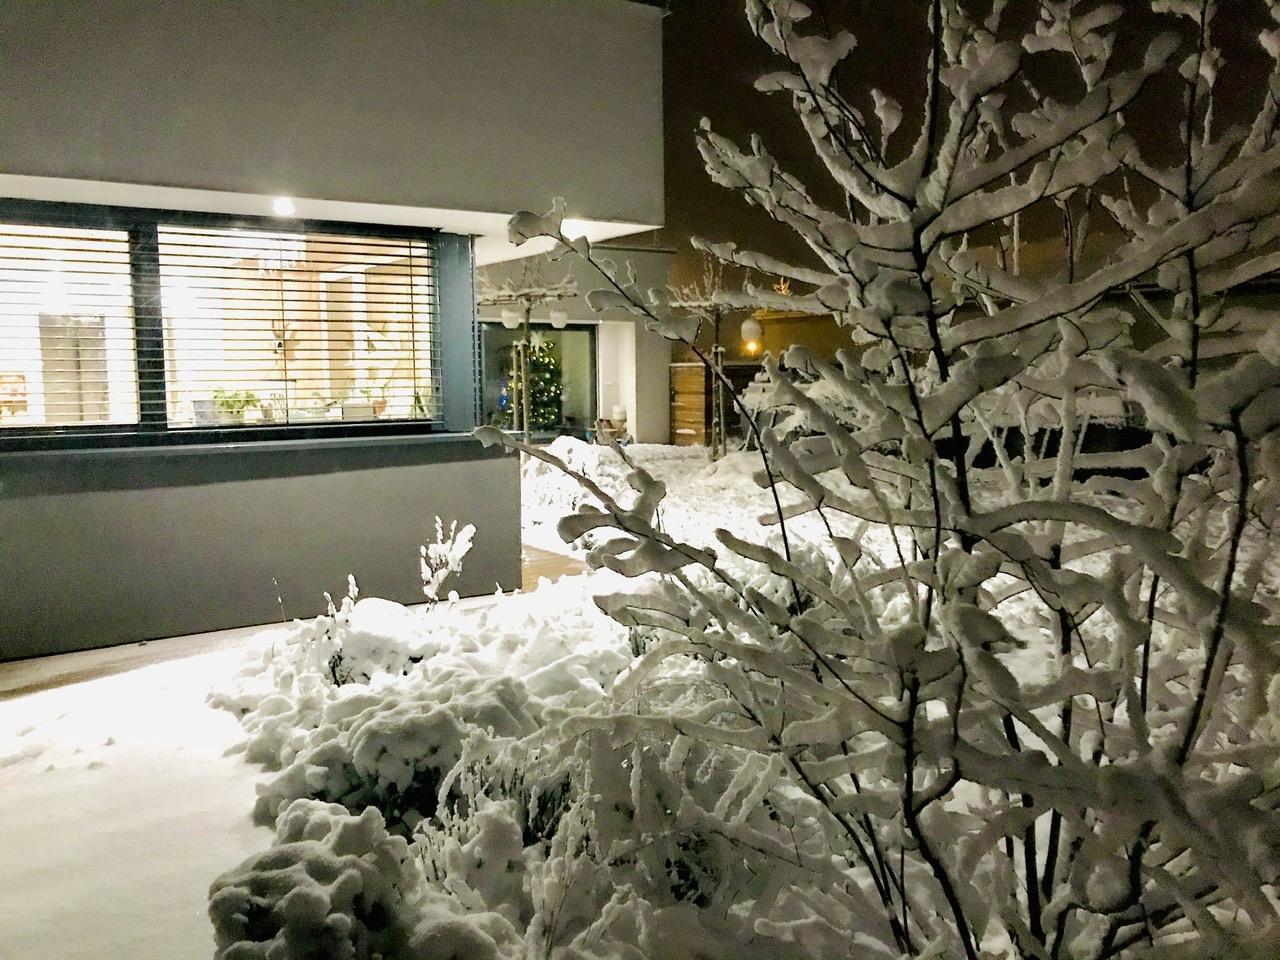 Naše L-ko - 2021 - stále dokončujeme - večerná zahrada pod snehom a mladý muchovník